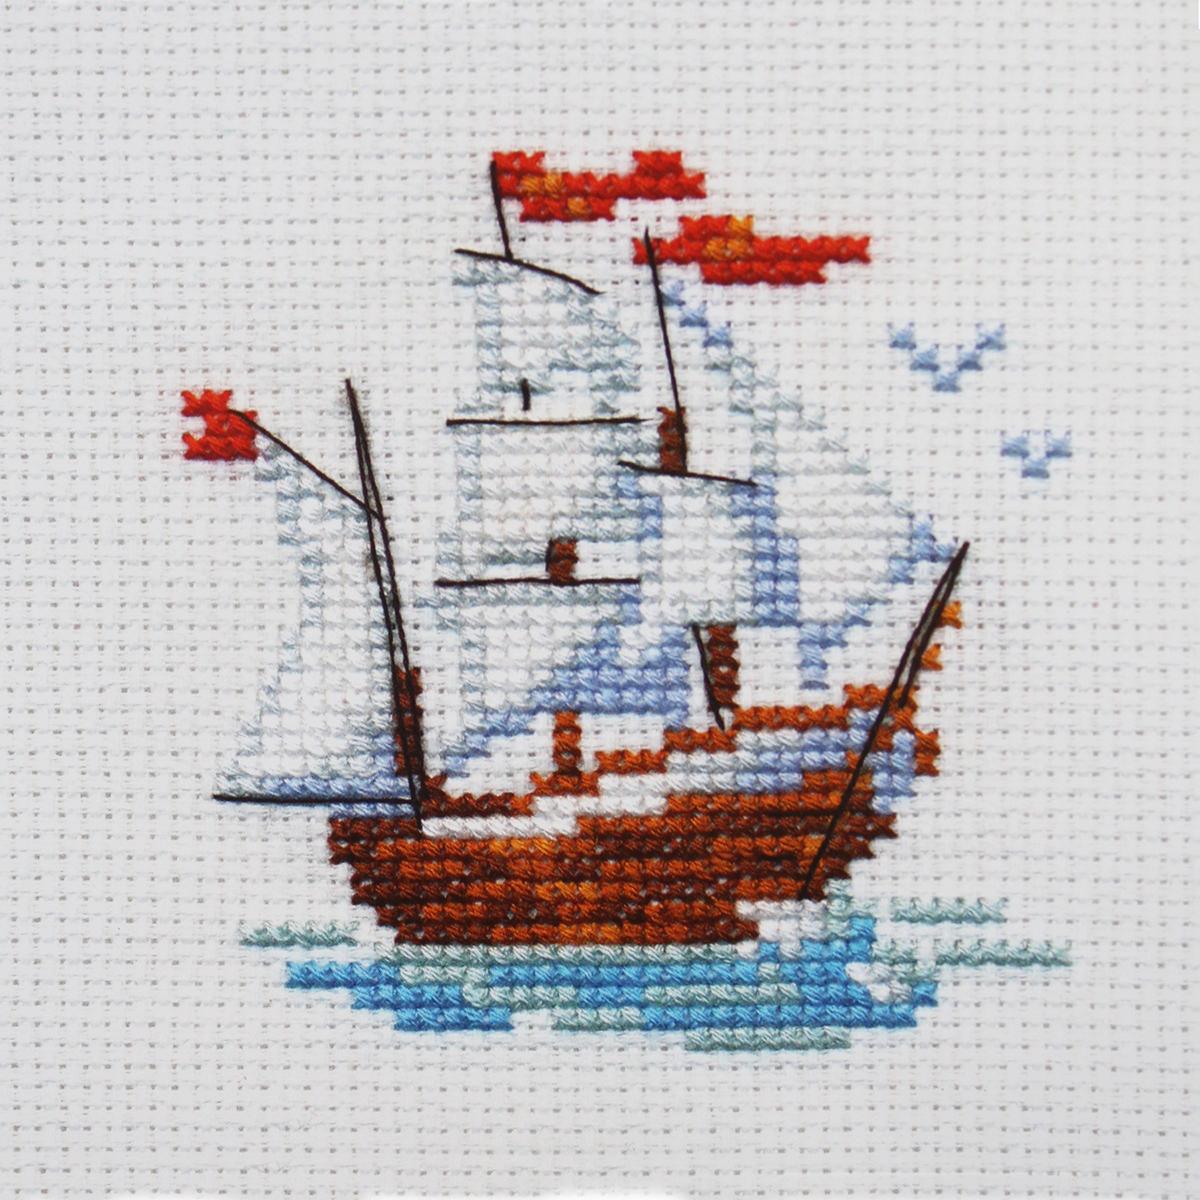 Набор для вышивания крестом Алиса Кораблик, 8 х 7 см цена